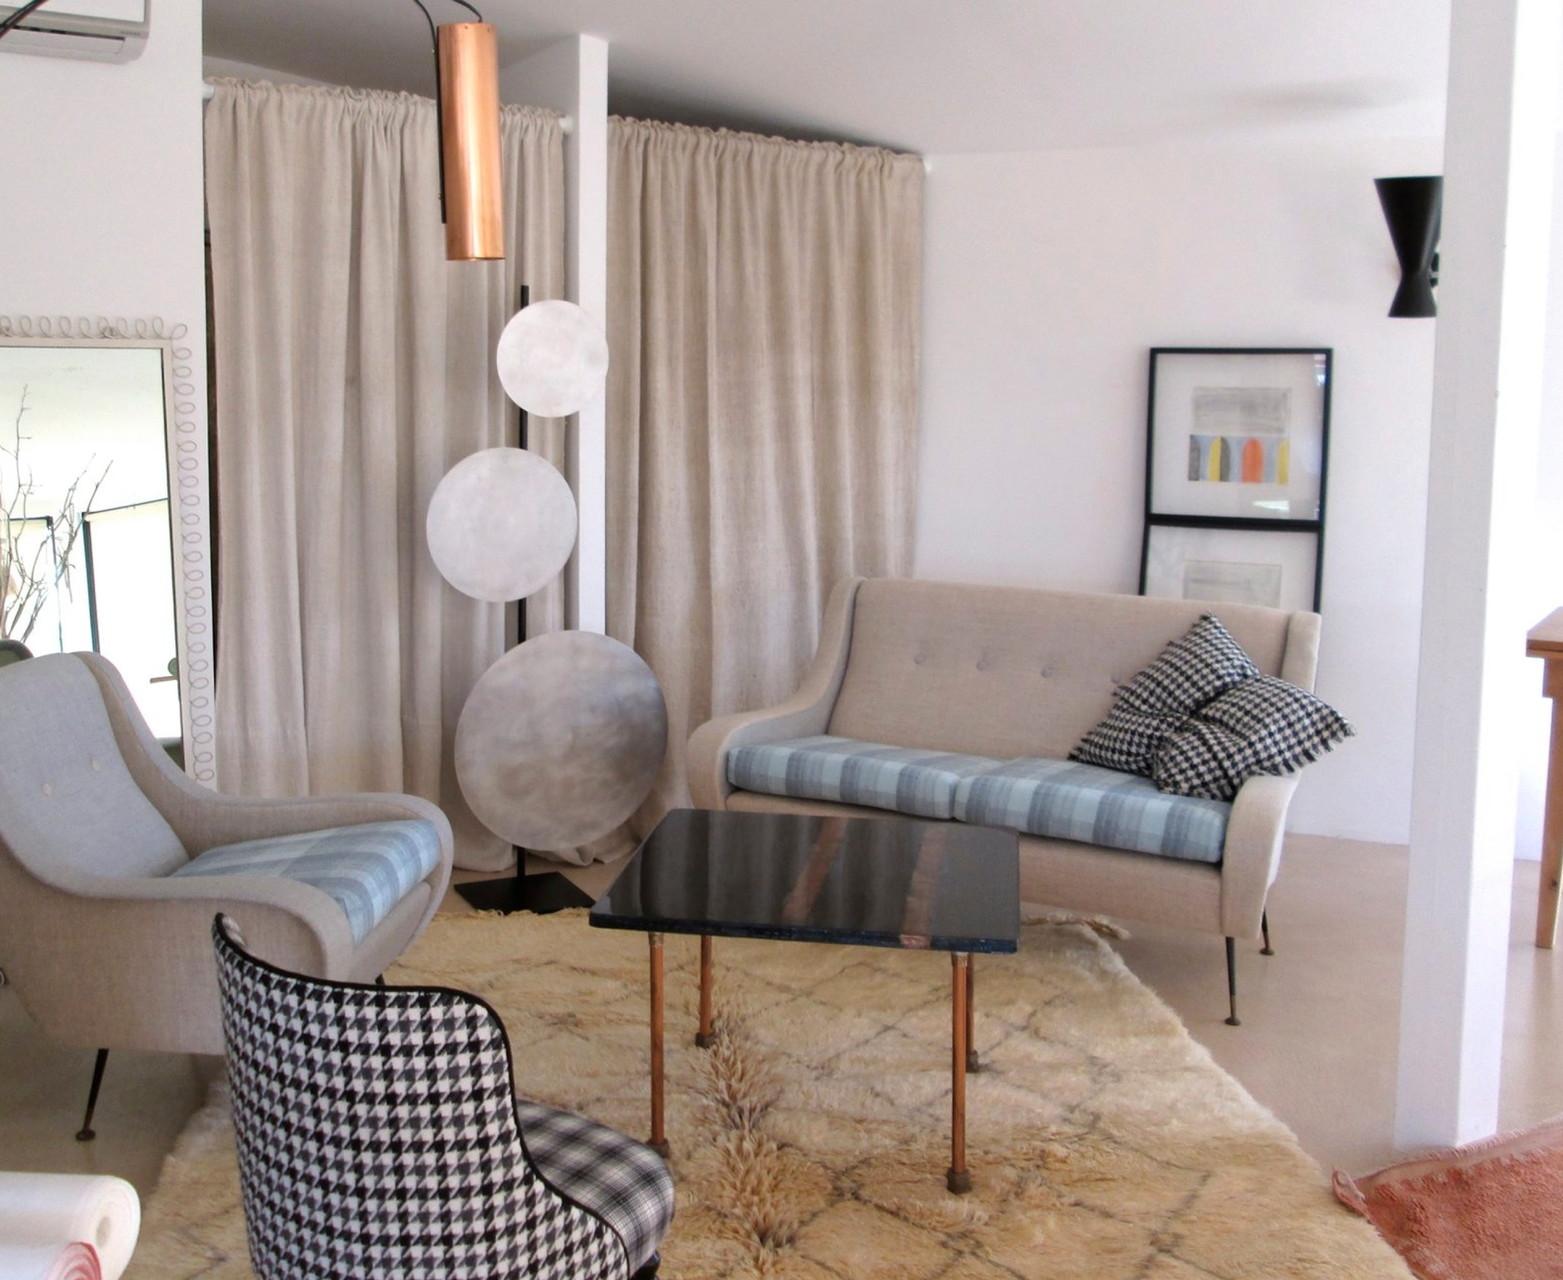 Home Decor Decorazione D Interni Ornaments And Design  # Decoration Design Table Tele